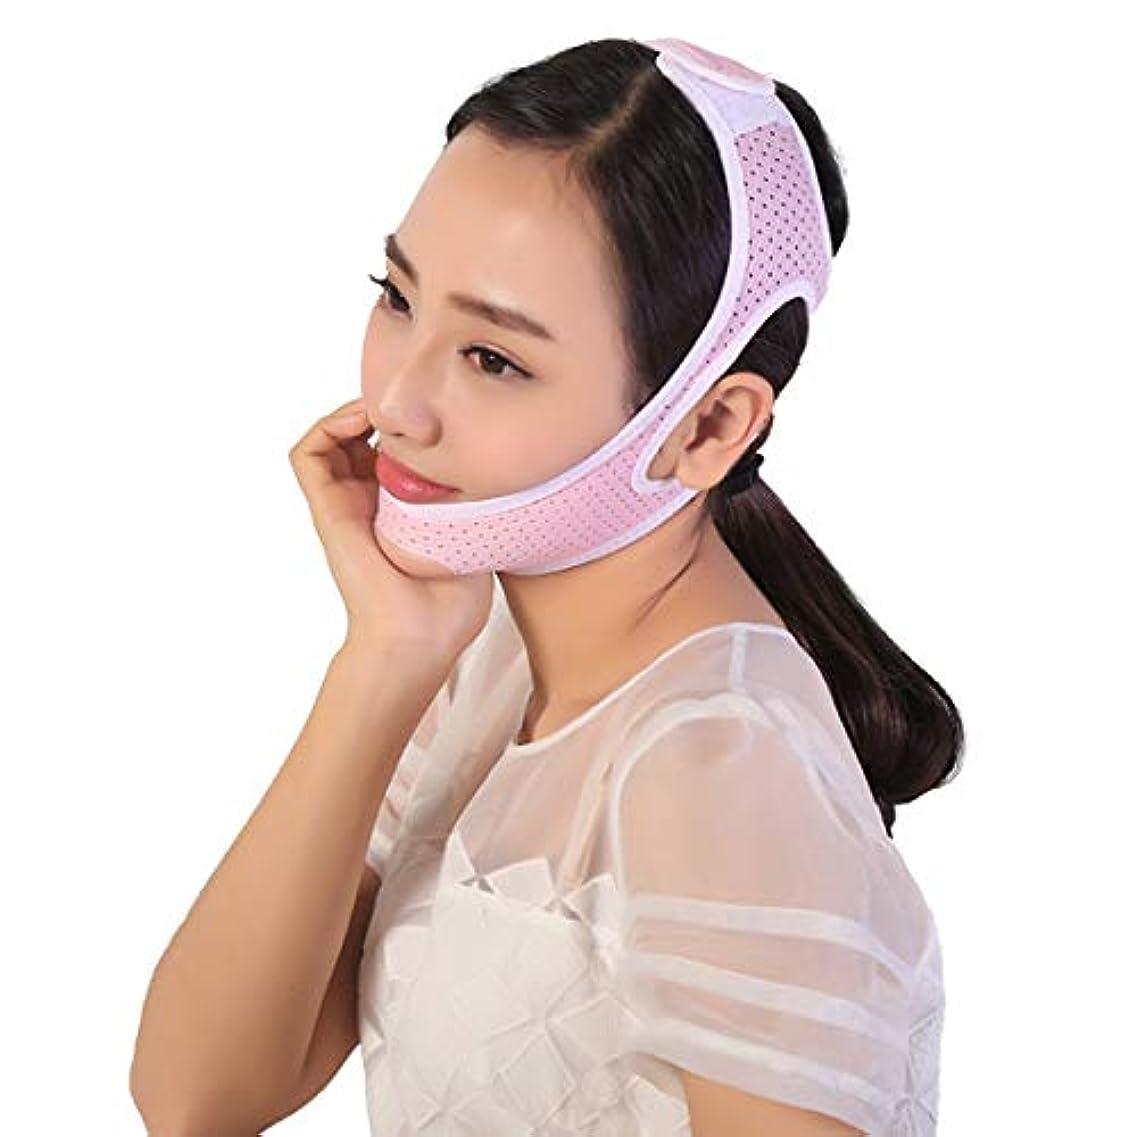 刈る冗長献身ZWBD フェイスマスク, フェイスリフティング包帯フェイシャルリフティング引き締めダブルチン判V通気性